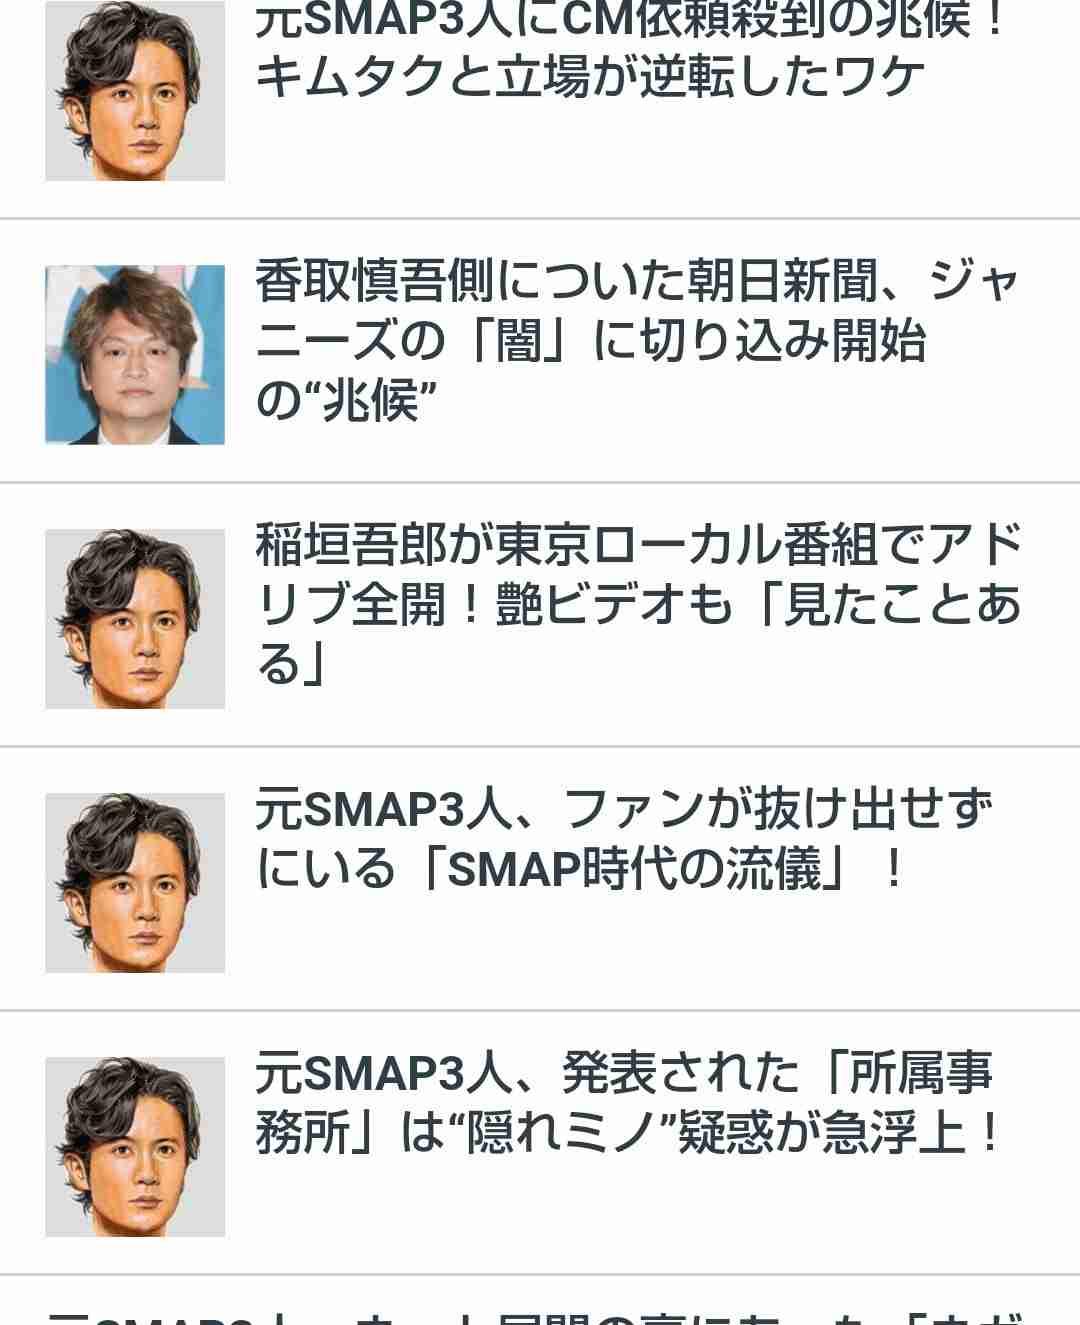 元SMAPが「クソ柄」の映画オリジナルグッズを販売の切ない波紋!